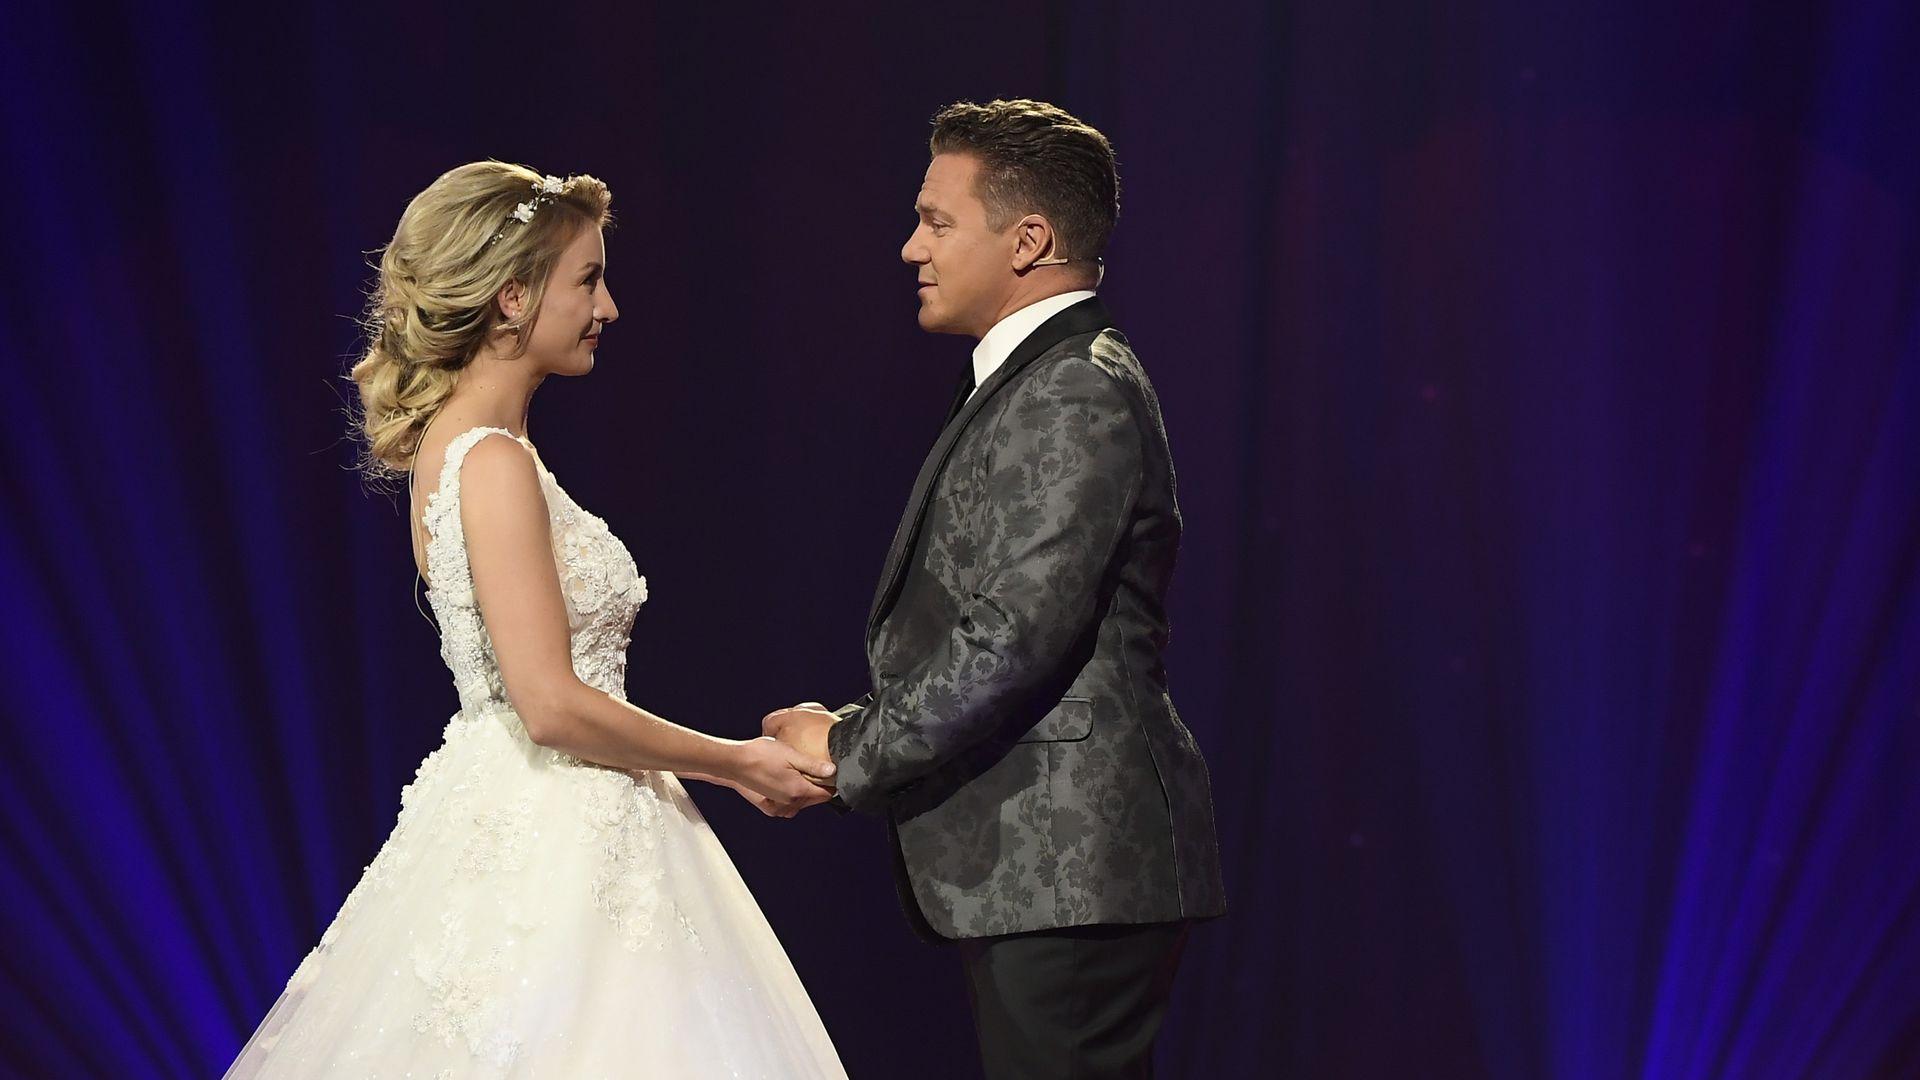 Hochzeit im TV: In diesem Kleid gab Anna-Carina ihr Jawort ...